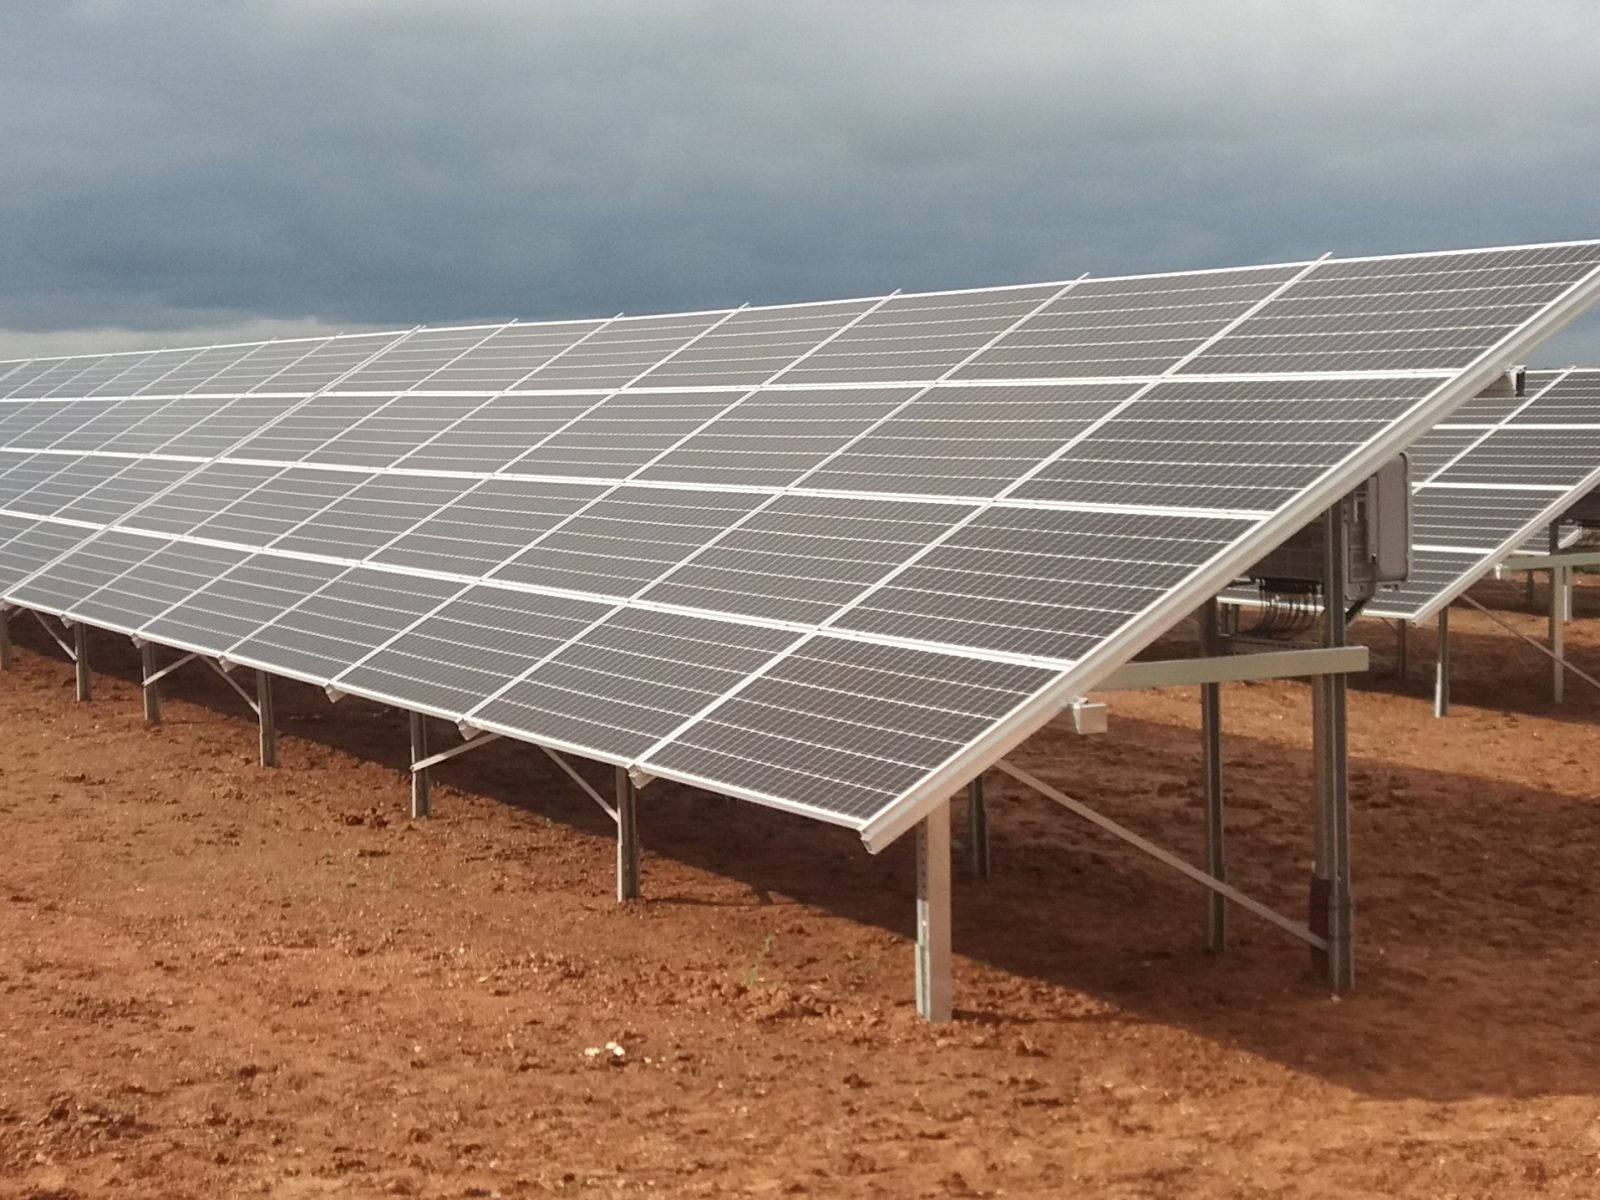 Instalación parque solar: 450 kWp (Extremadura)